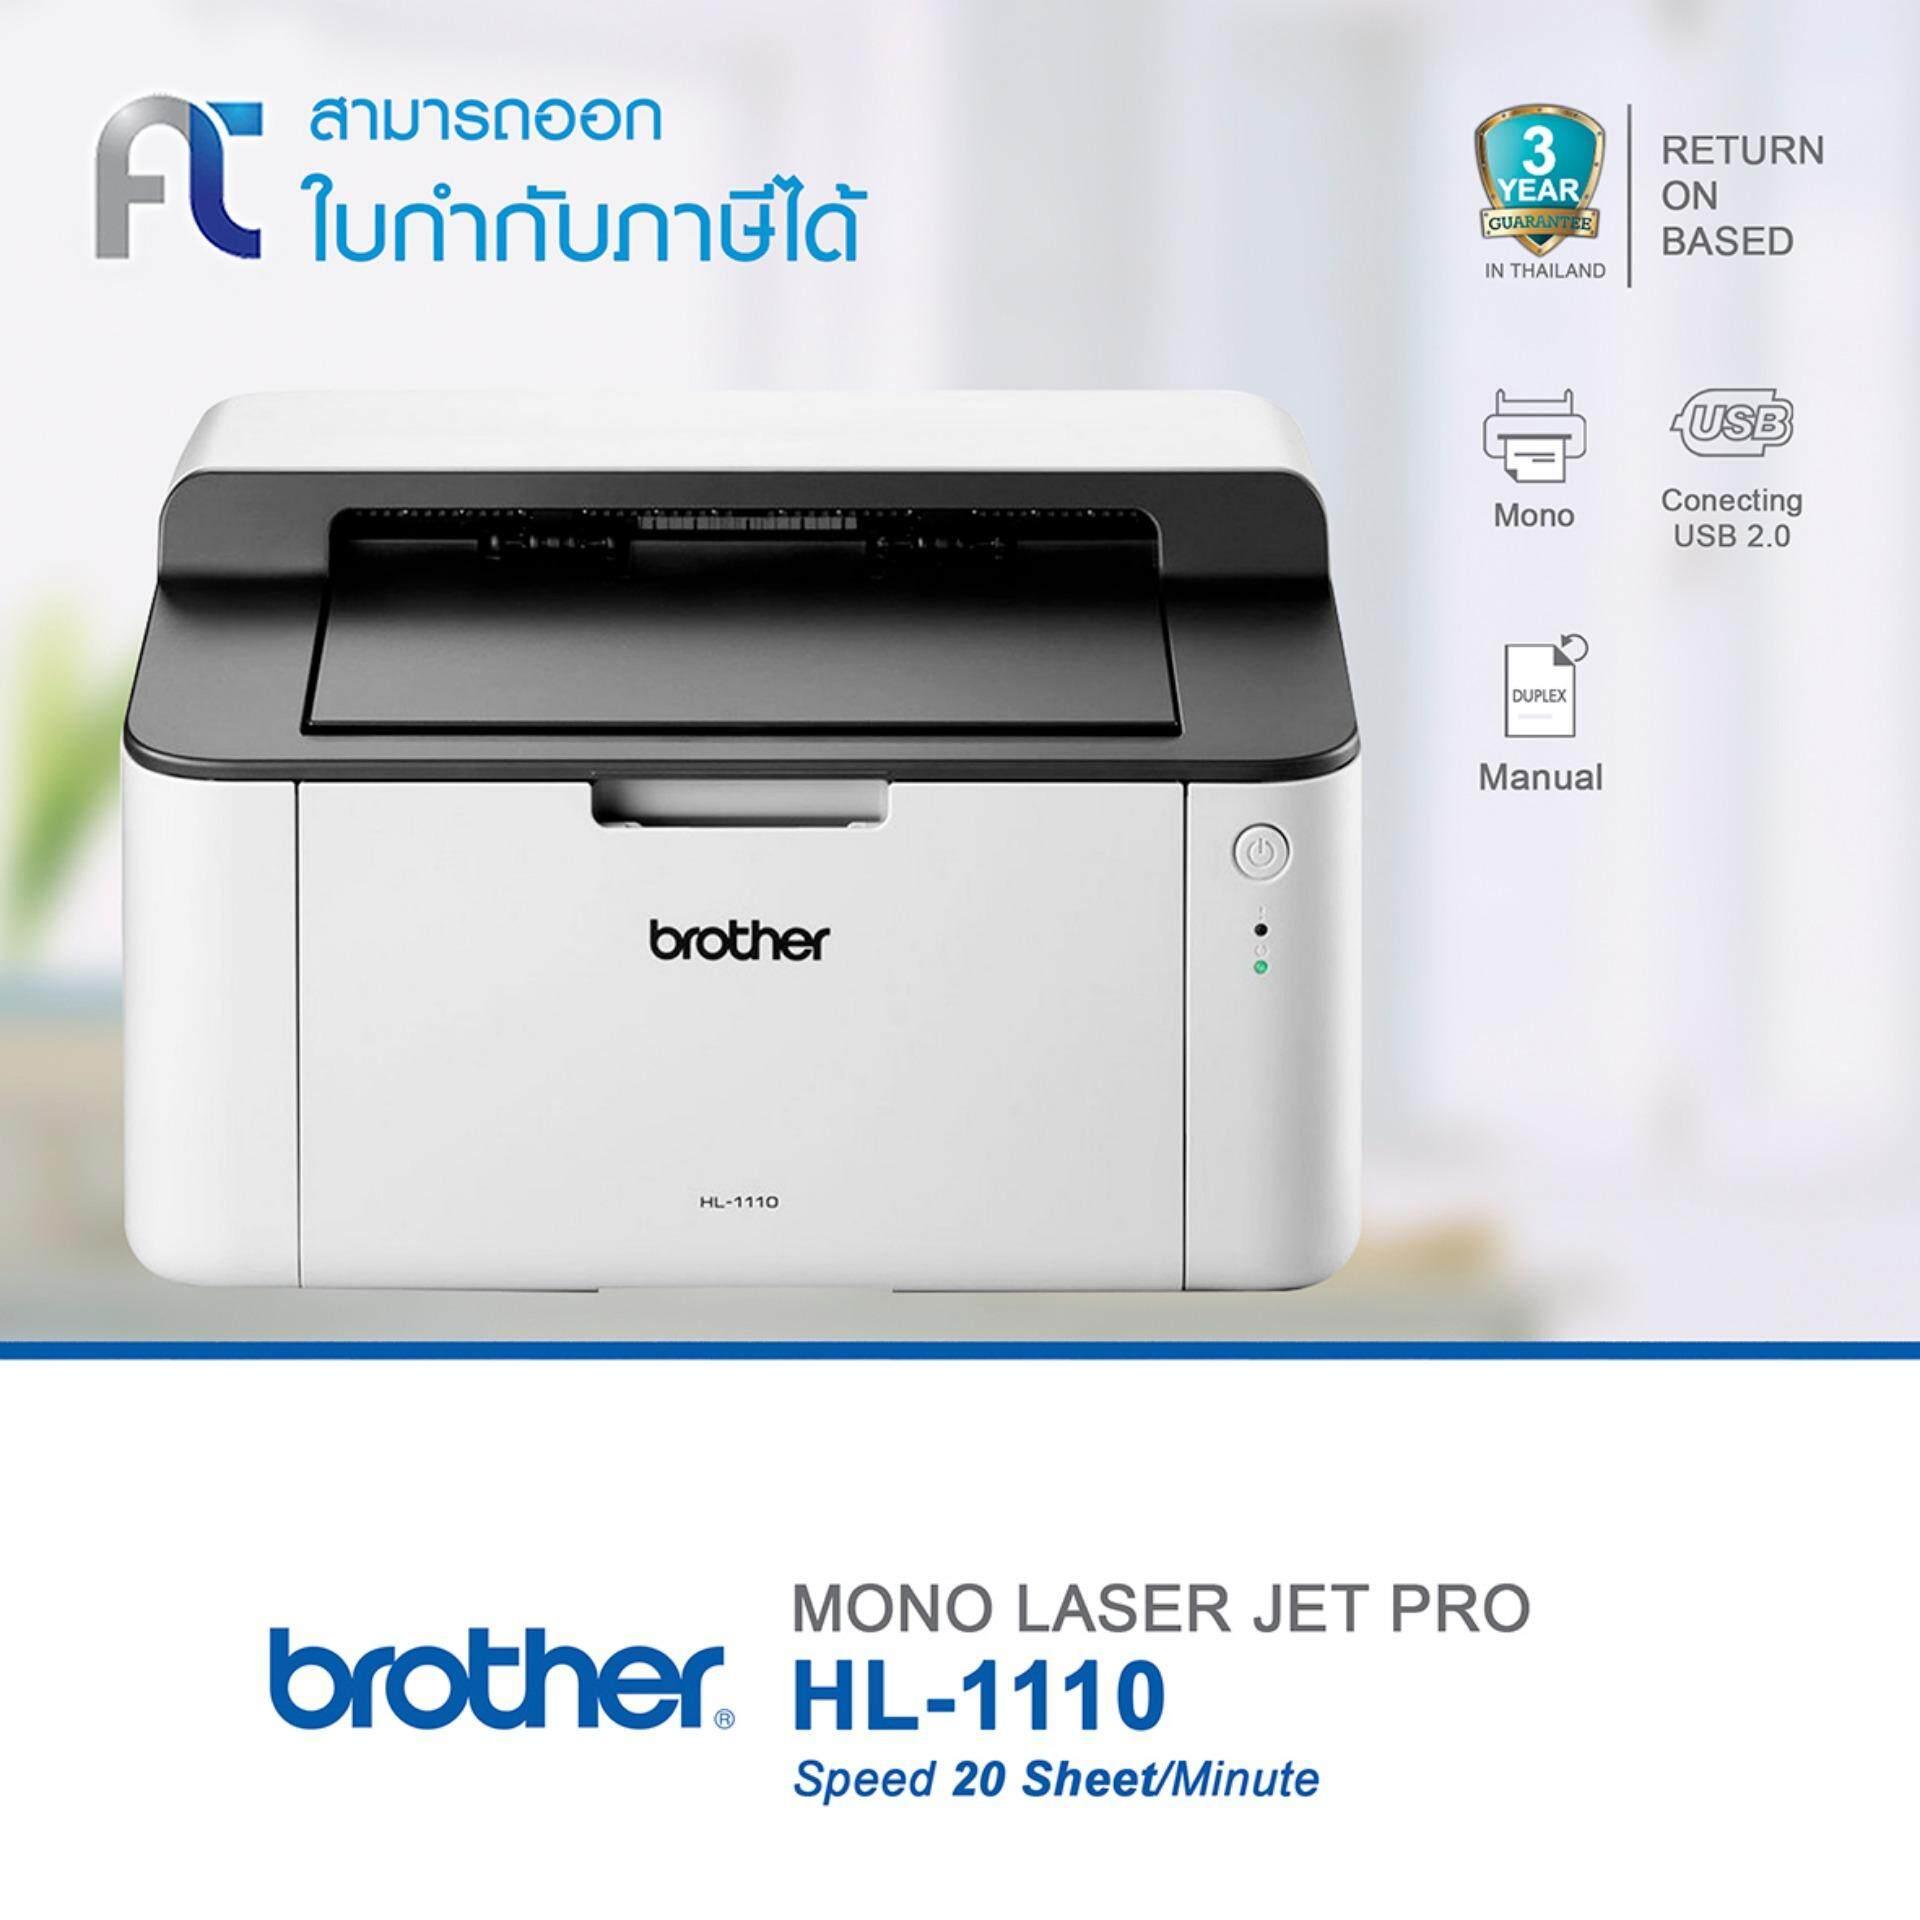 ราคา ราคาถูกที่สุด รับประกัน 3 ปี Brother Printer Laser เครื่องปริ้นเตอร์ รุ่น Hl 1110 เลเซอร์แบบ Led